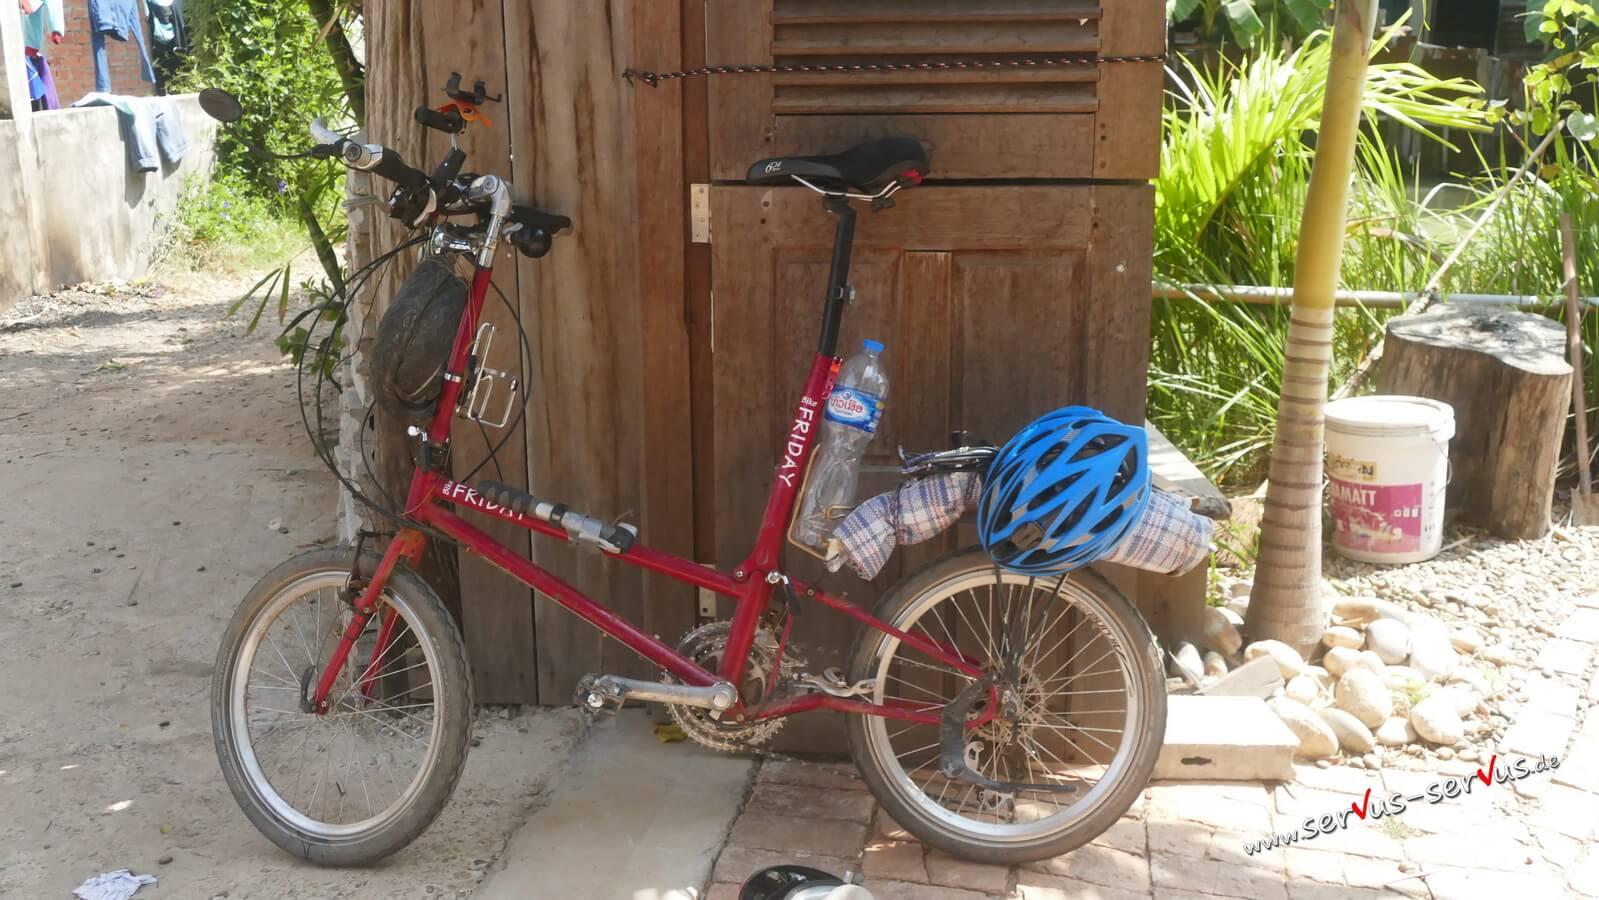 Verbogene Sattelstütze am Fahrrad